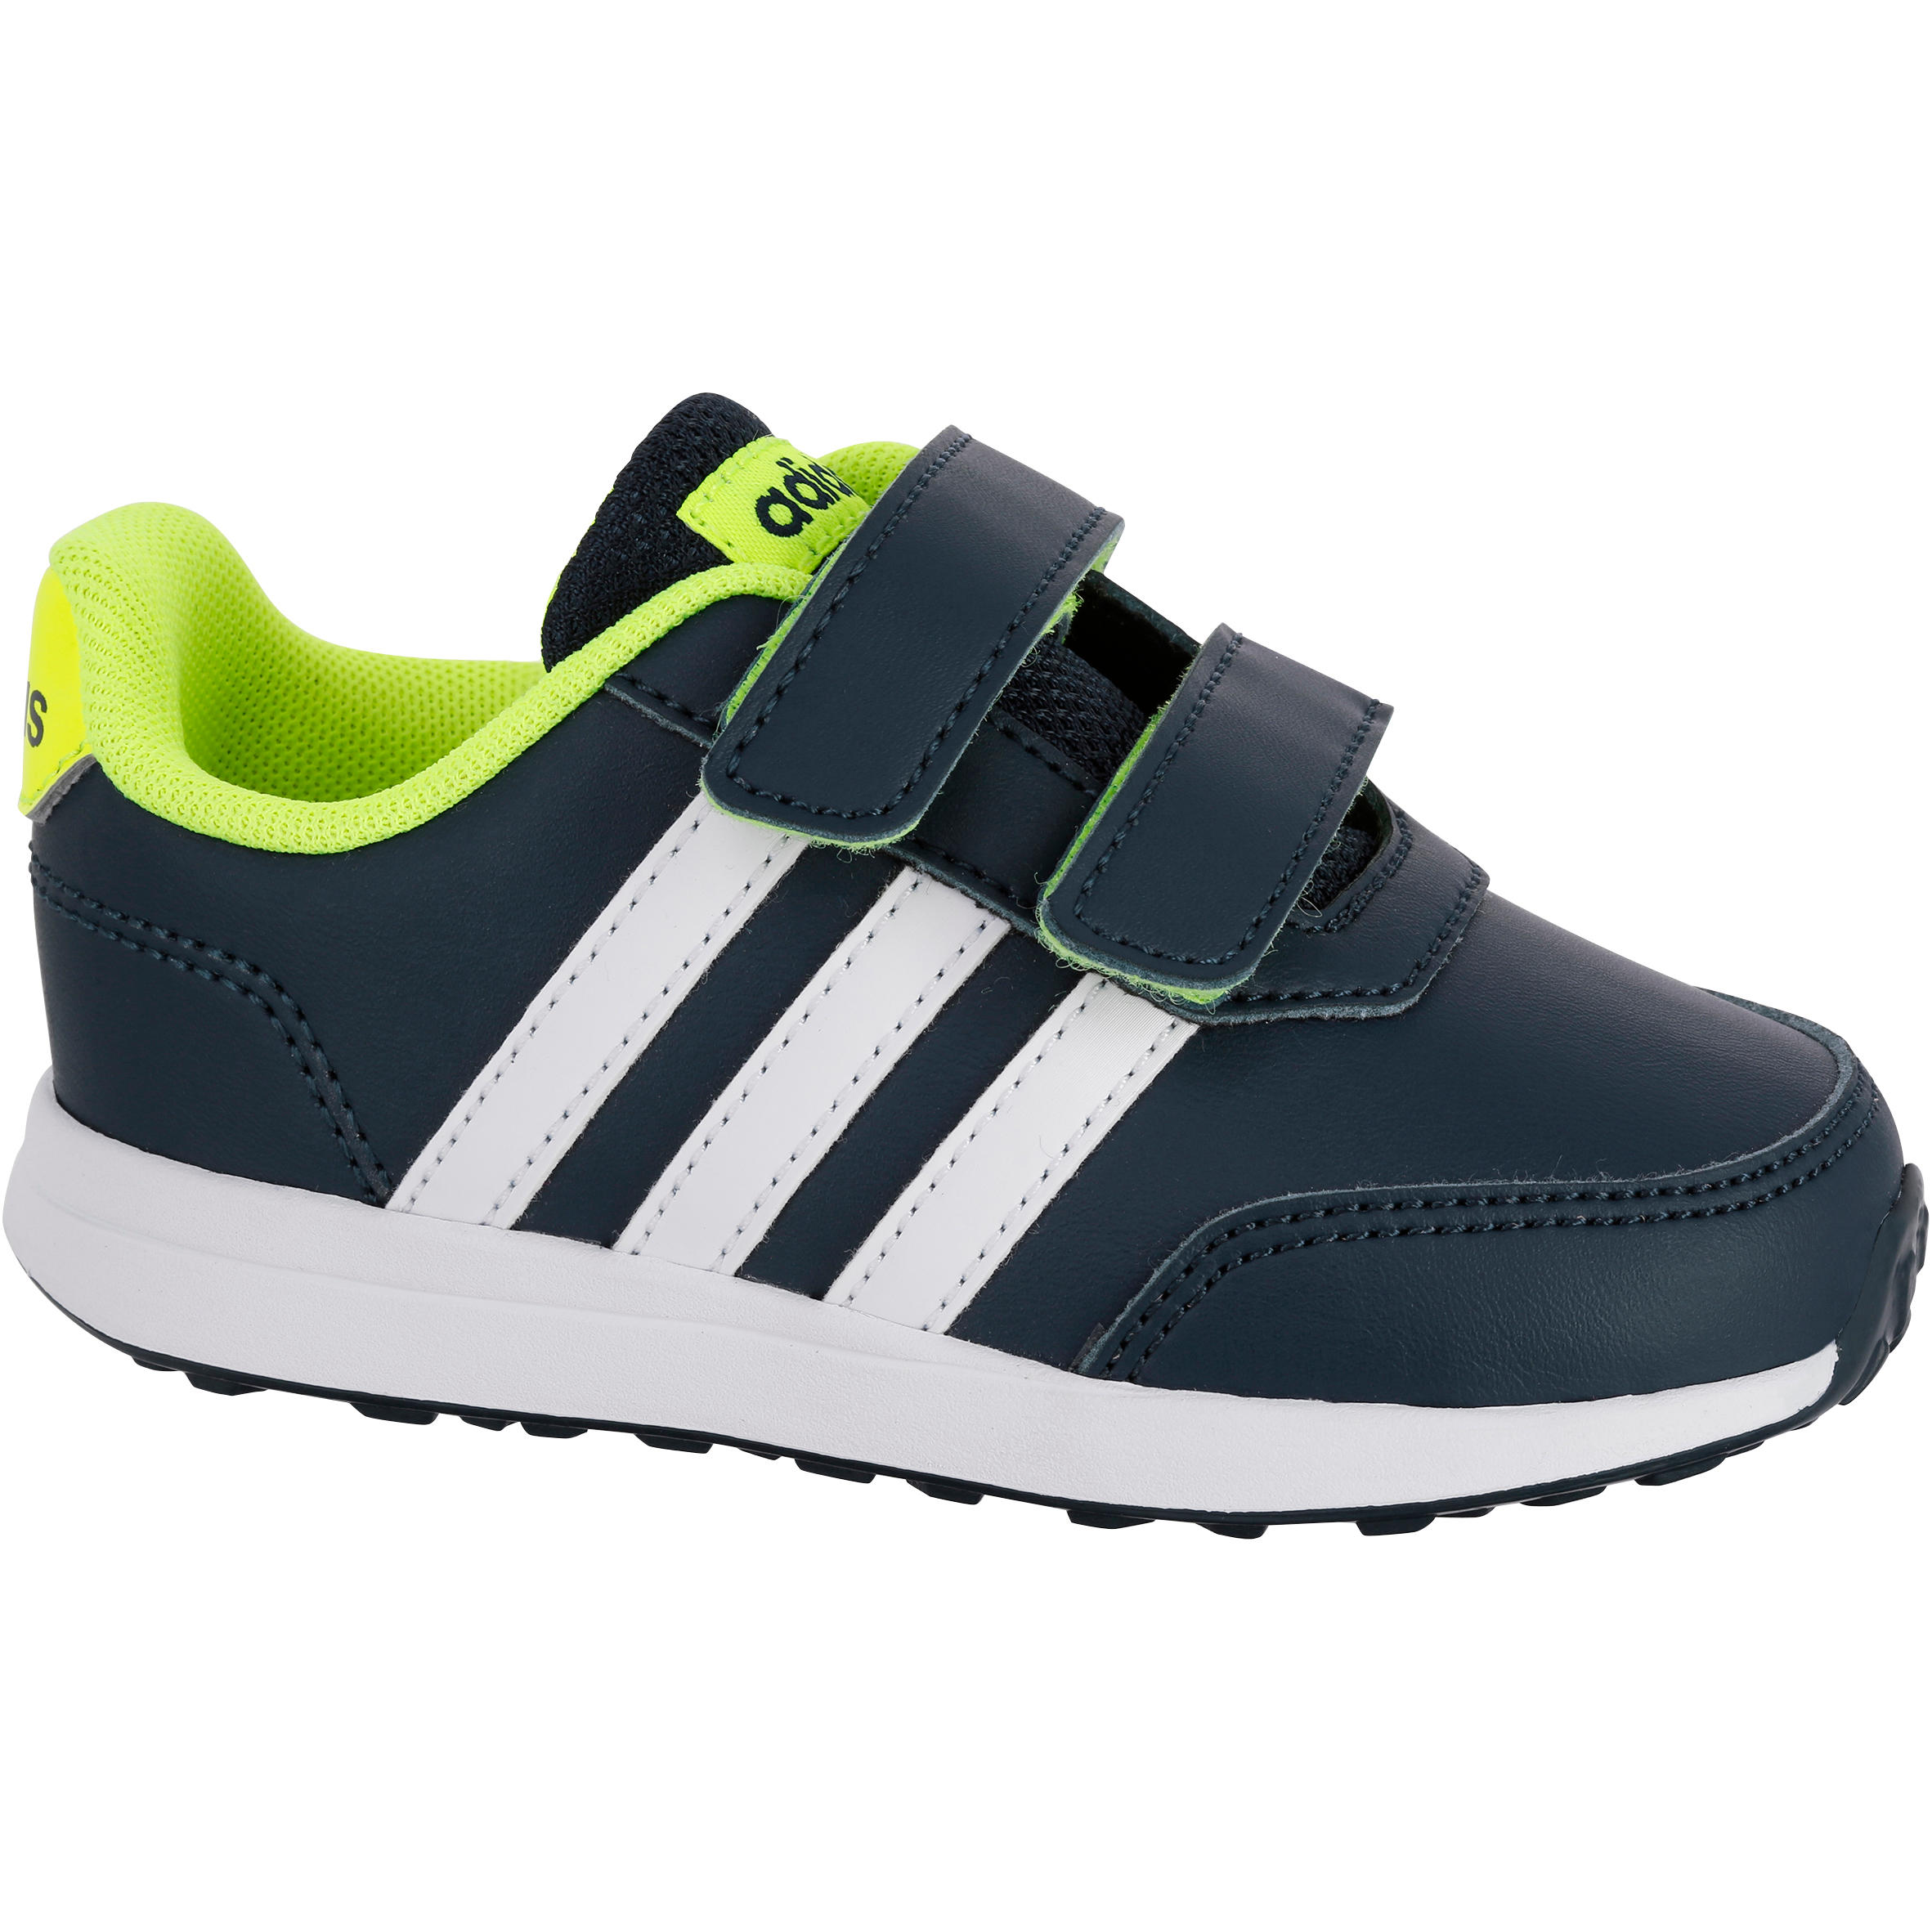 Adidas Gymschoentjes baby Adidas blauw wit geel